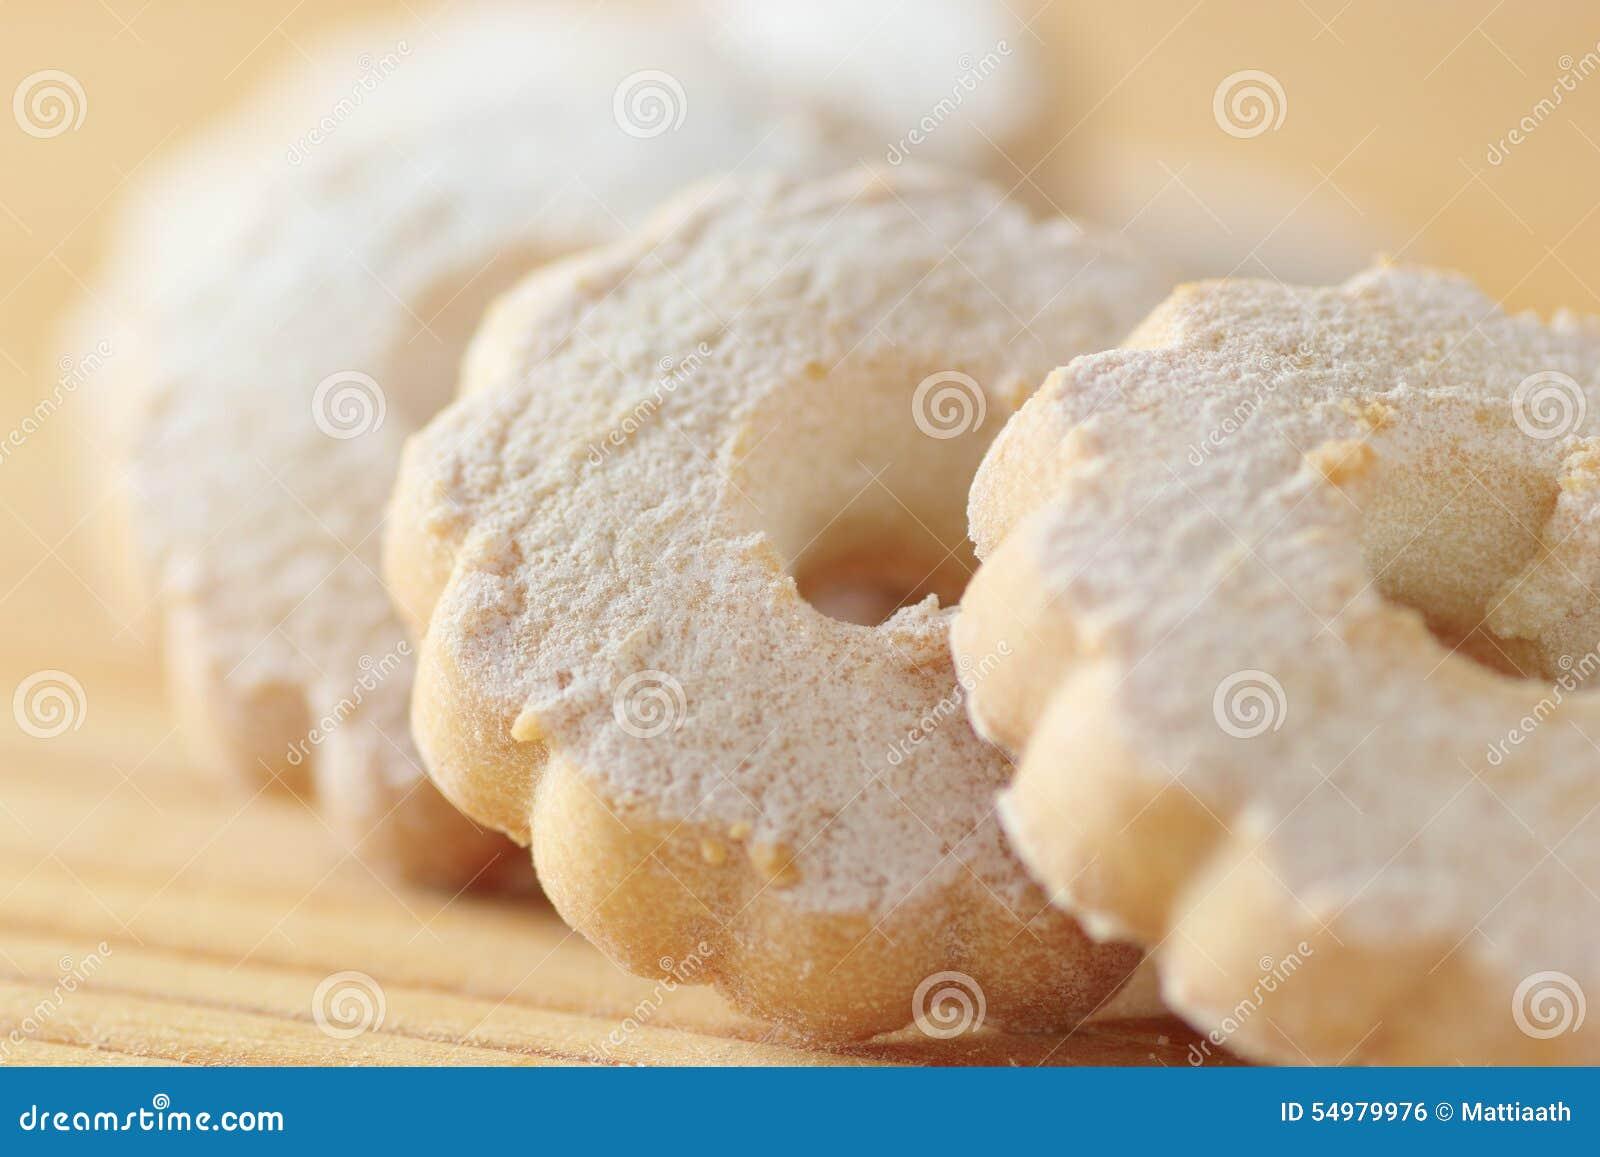 在一张木桌上安排的意大利曲奇饼